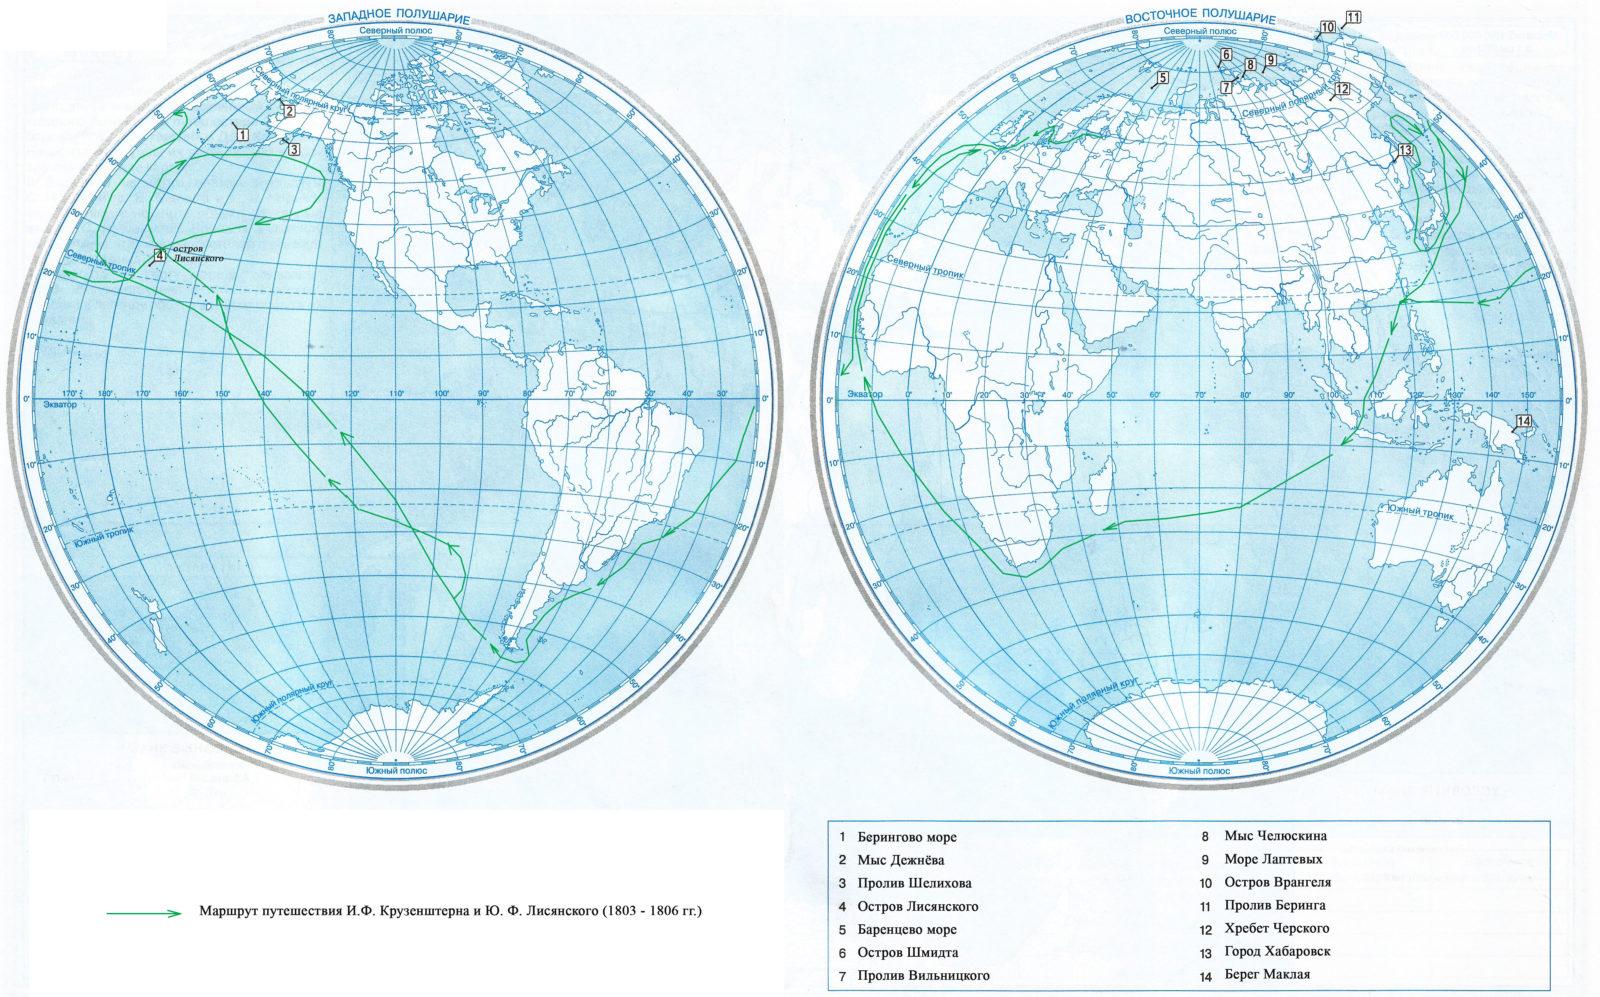 Страница 6 - 7. Имена русских путешественников на карте мира